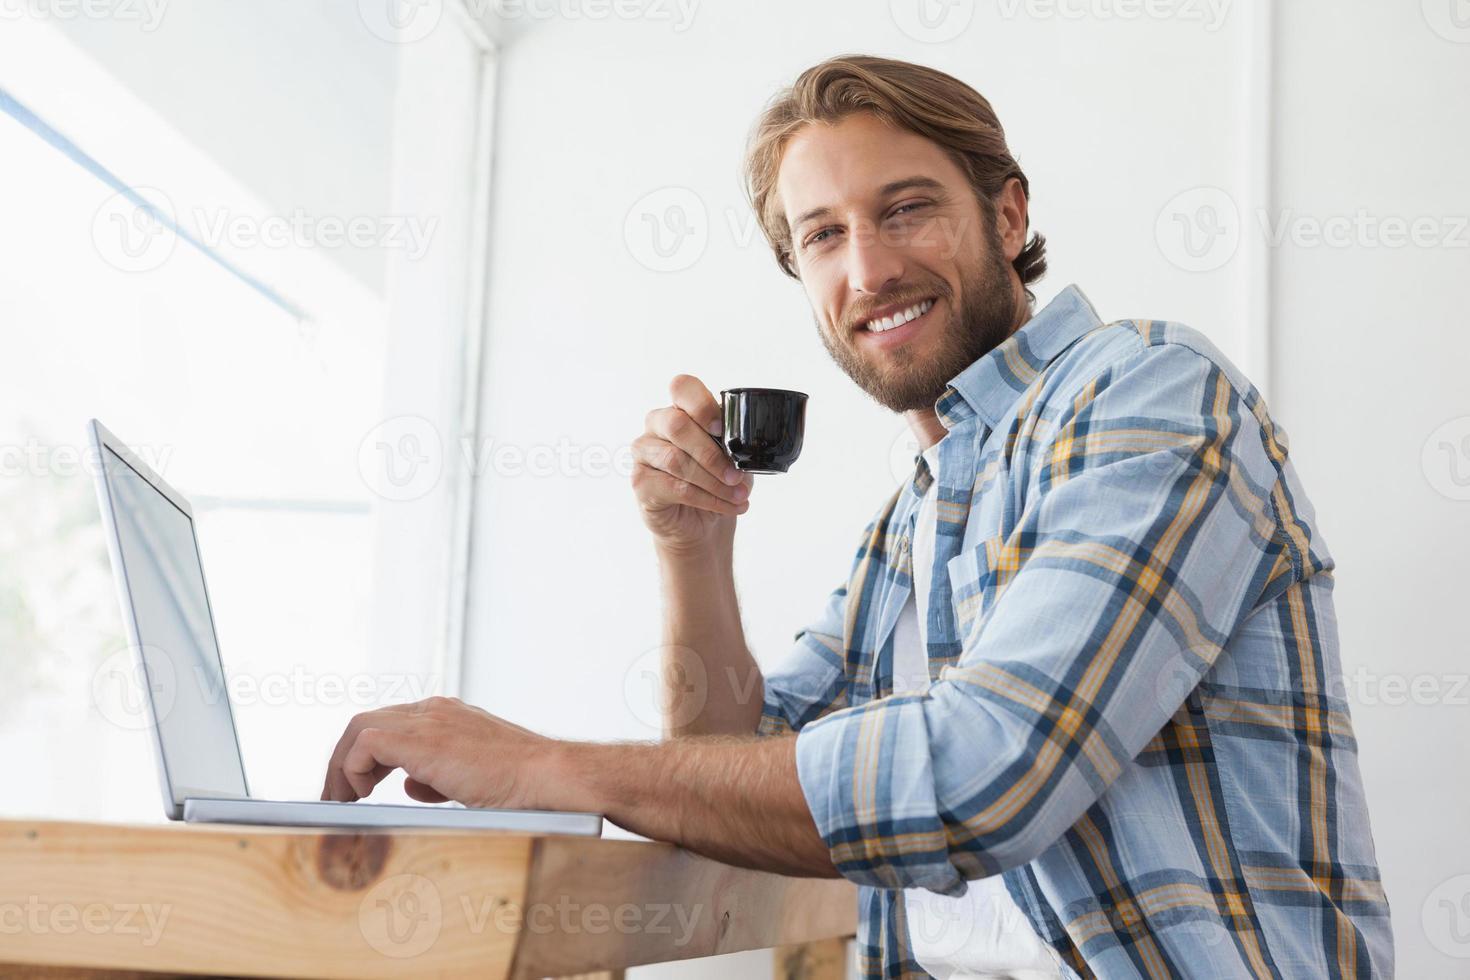 homme décontracté à l'aide d'ordinateur portable, boire un expresso photo